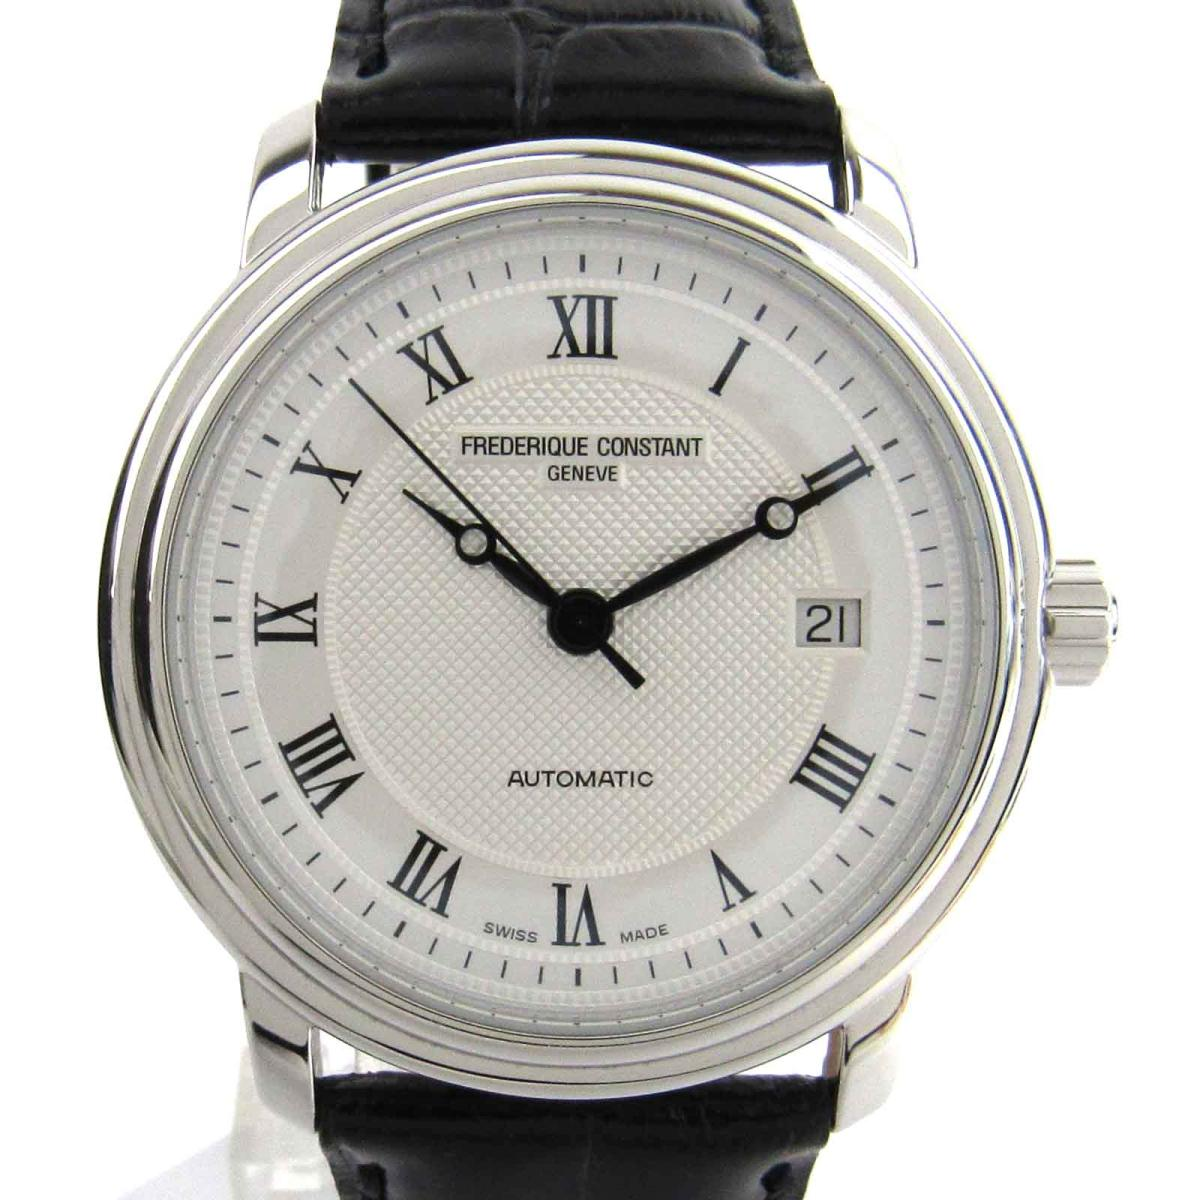 【中古】 フレデリック・コンスタント クラシック ウォッチ 腕時計 メンズ ステンレススチール (SS) x クロコレザー (FC303.310.315X4P24)   FREDERIQUE CONSTANT BRANDOFF ブランドオフ ブランド ブランド時計 ブランド腕時計 時計